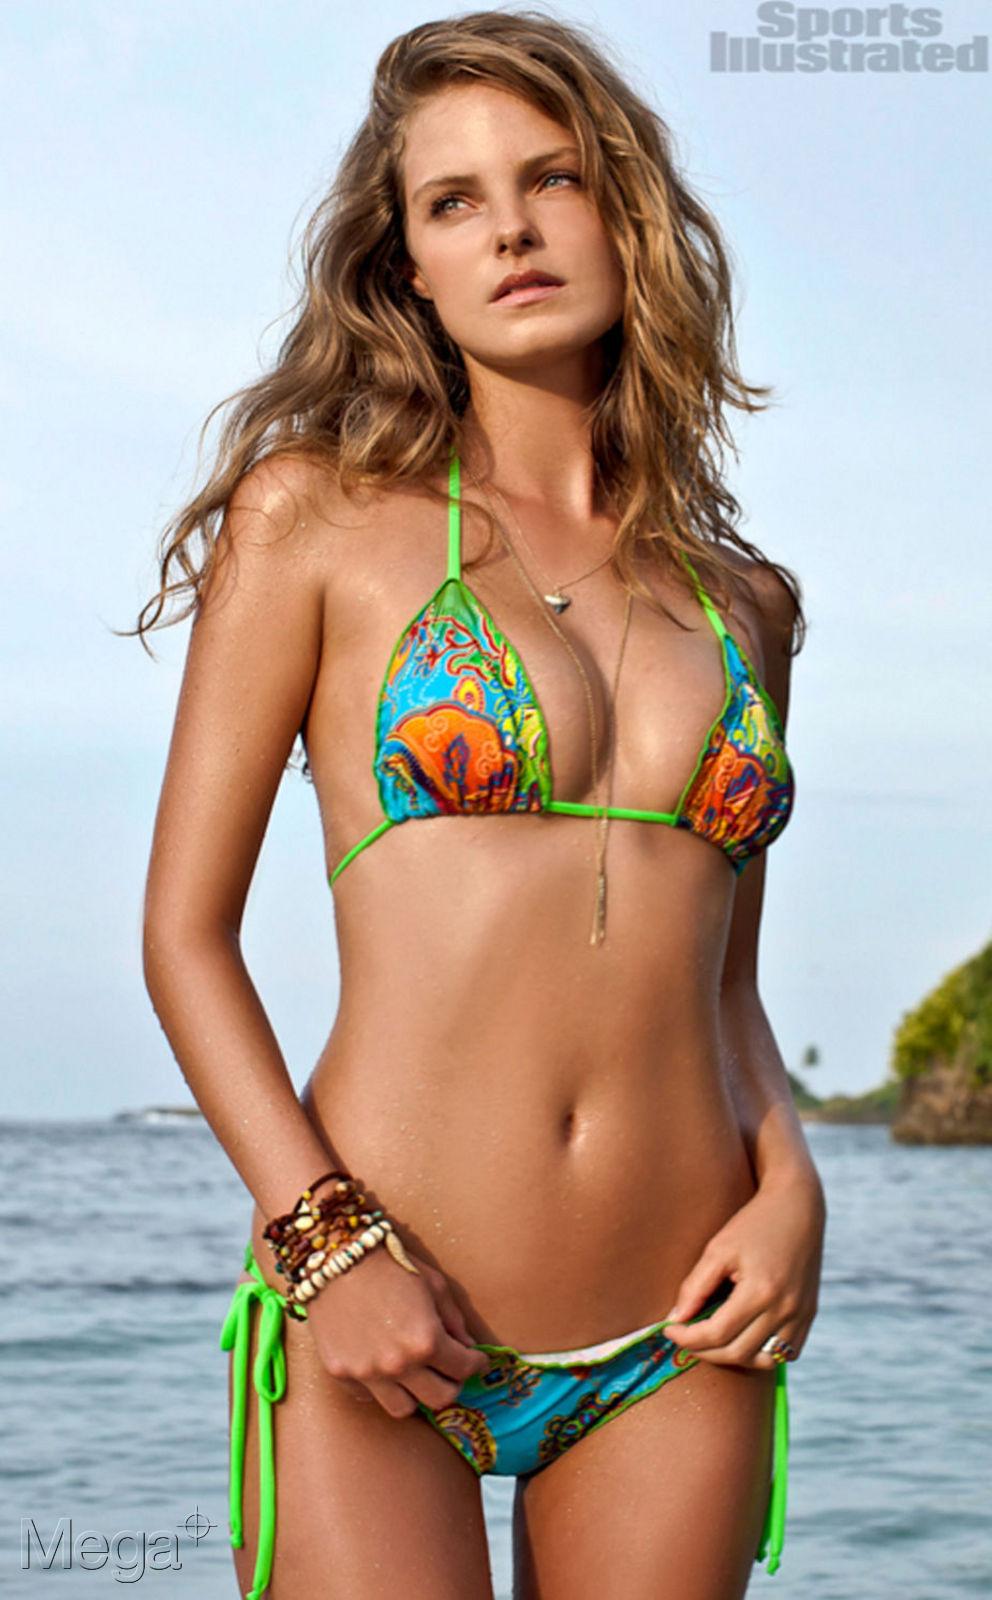 Jessica Perez Mega Model Agency